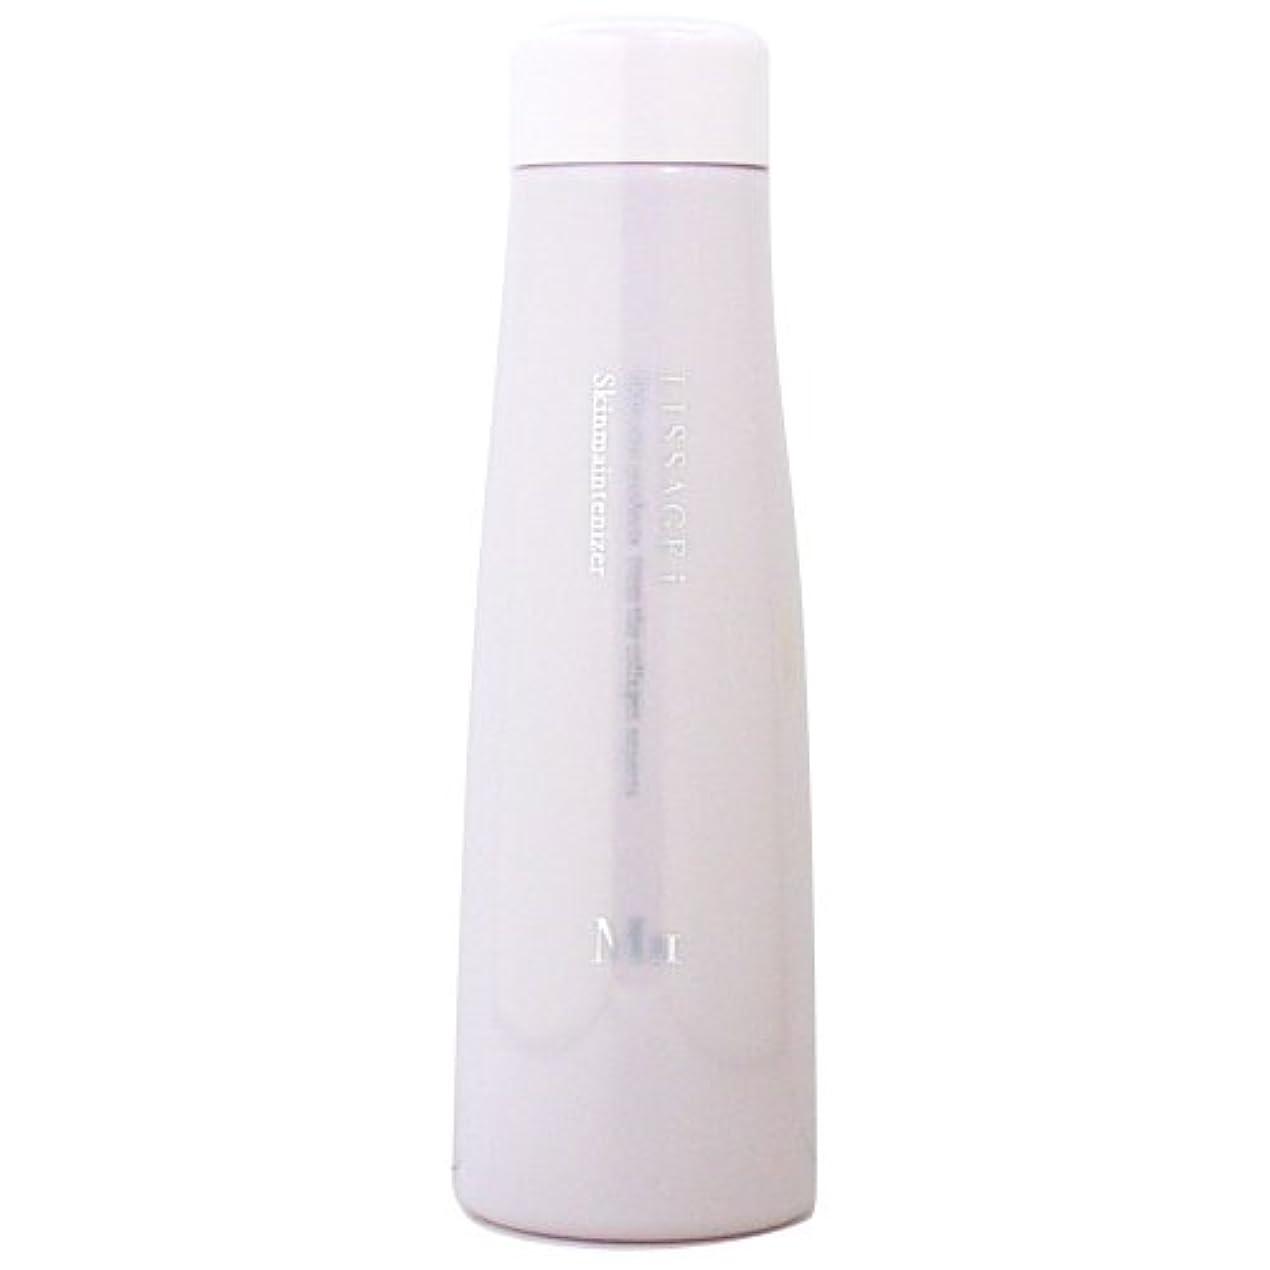 討論一杯測るカネボウ リサージi スキンメインテナイザー 【MⅡ】【詰め替え用】 180mL [並行輸入品]